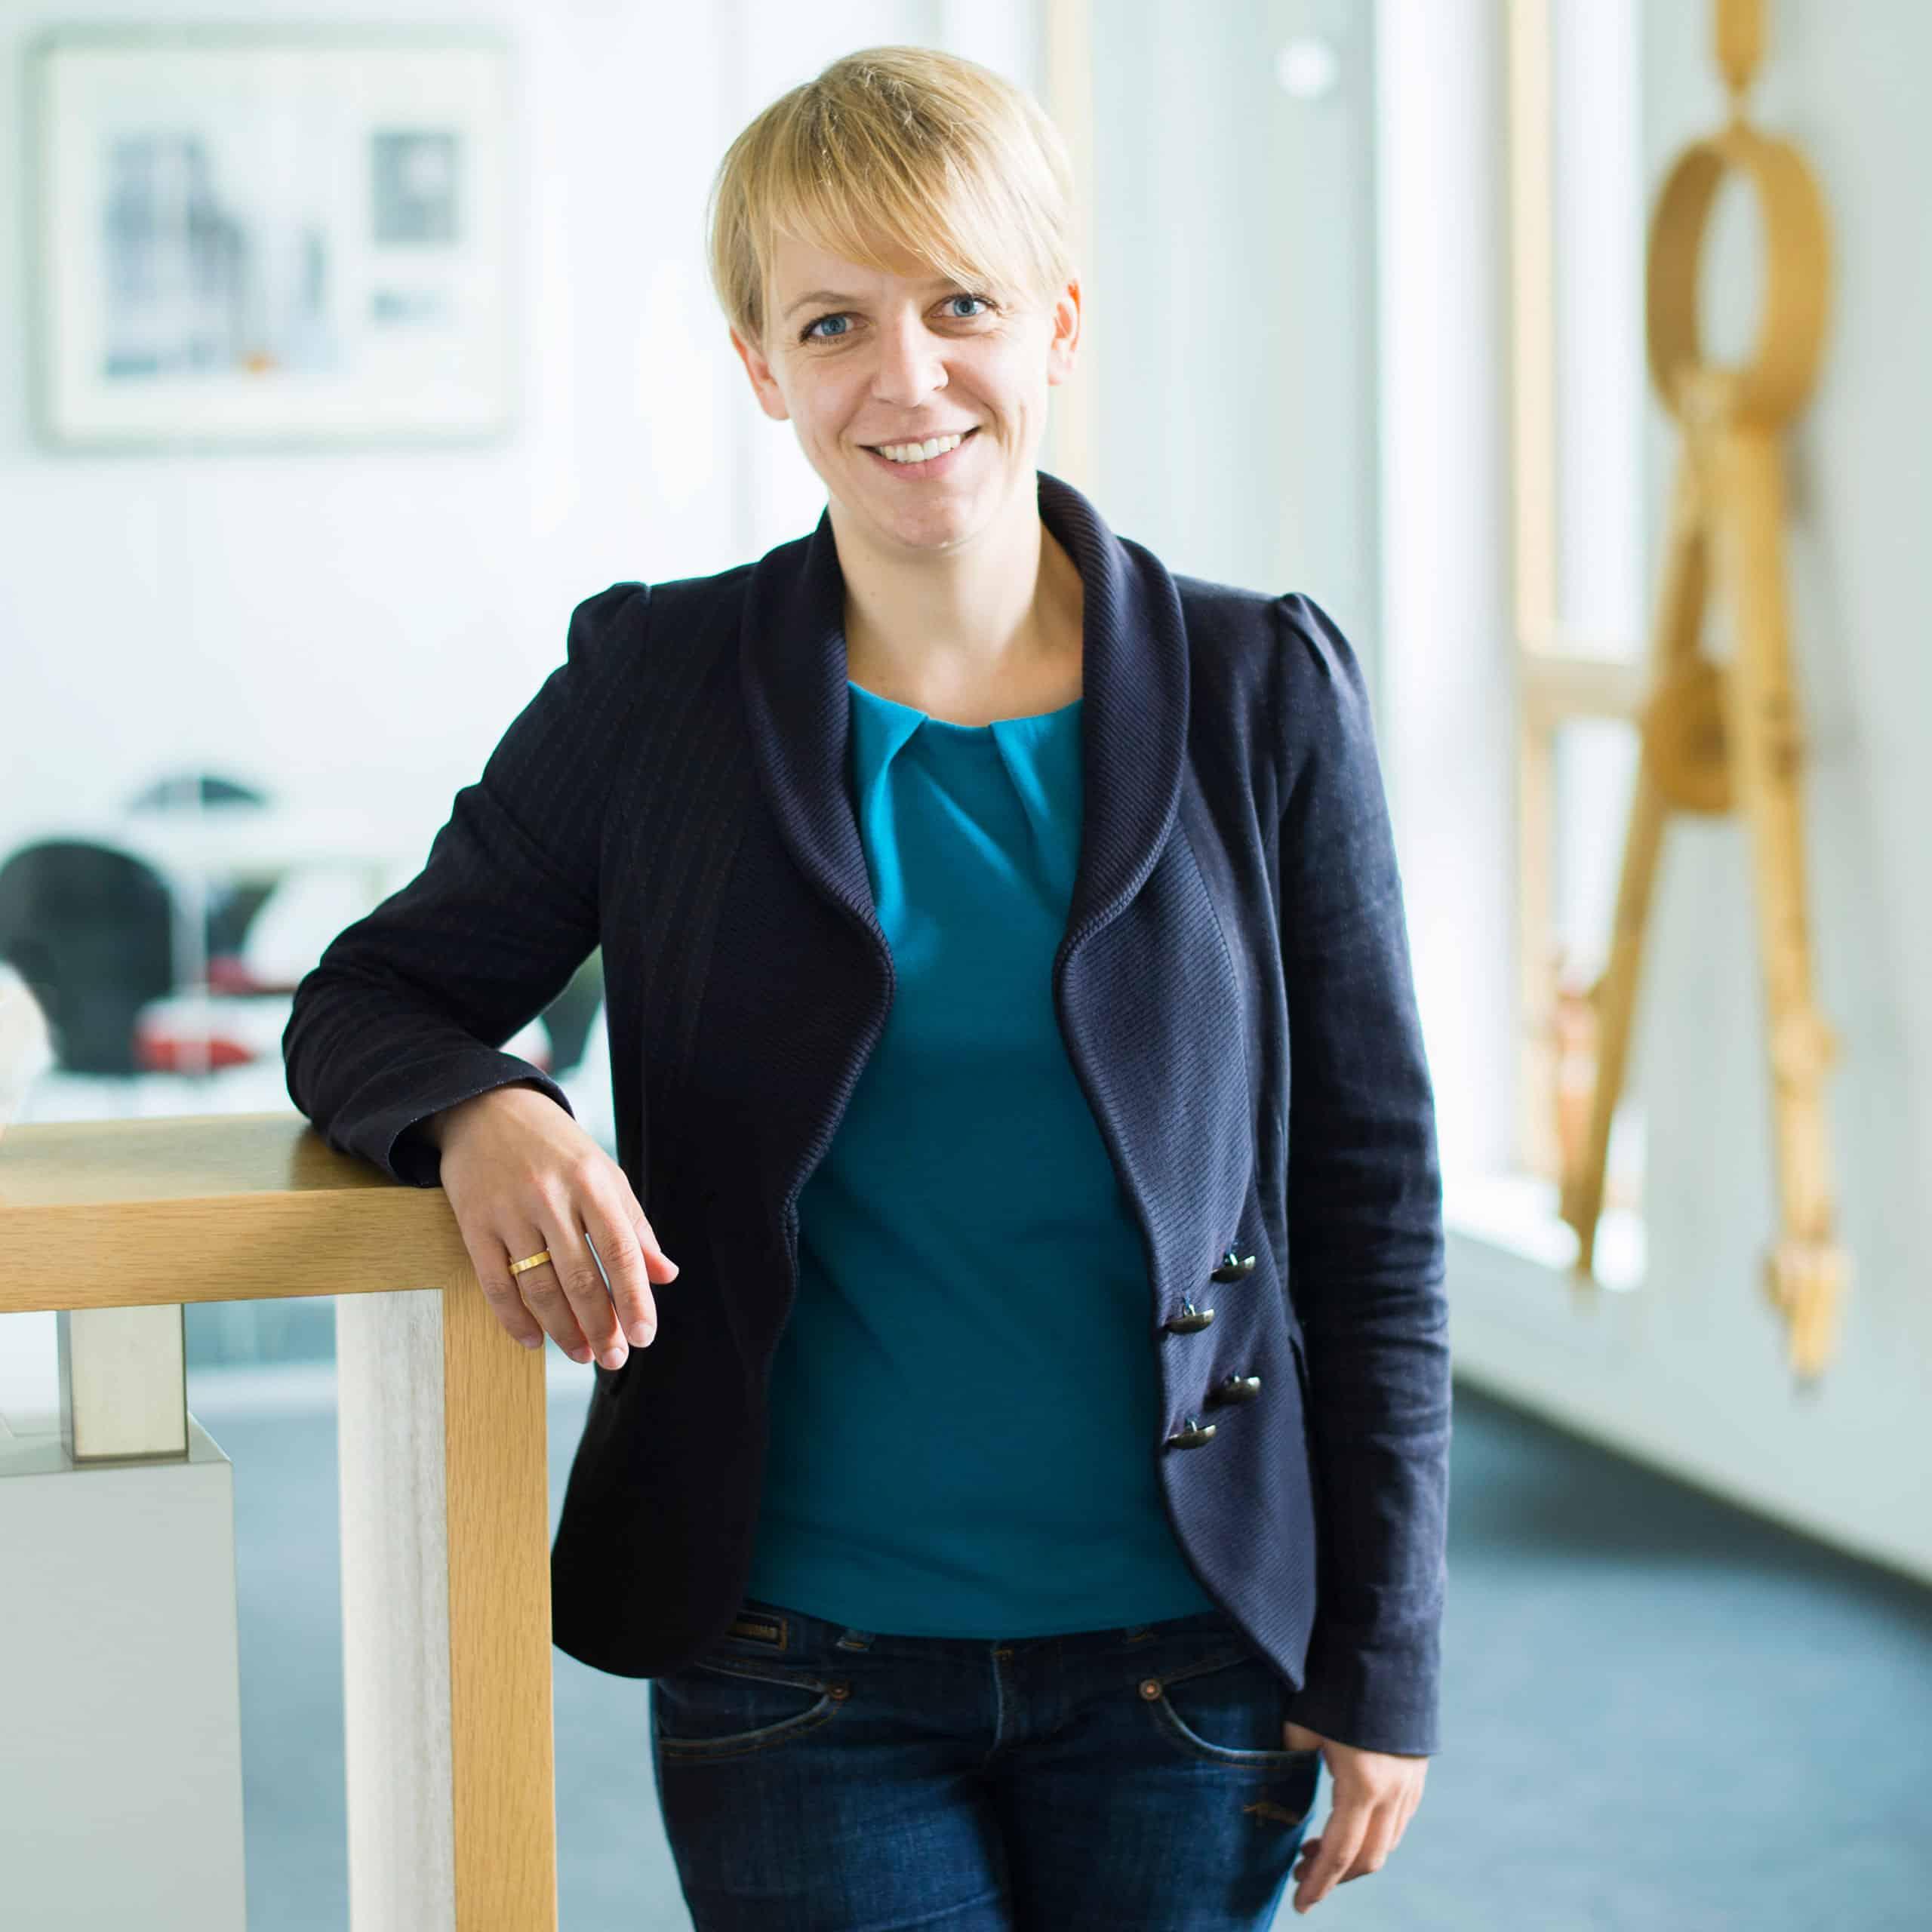 Lena Hülsmeier | Dipl.-Des. (FH) | Prokuristin, Bauzeichnung/Modellbau | PLAN.CONCEPT Architekten GmbH